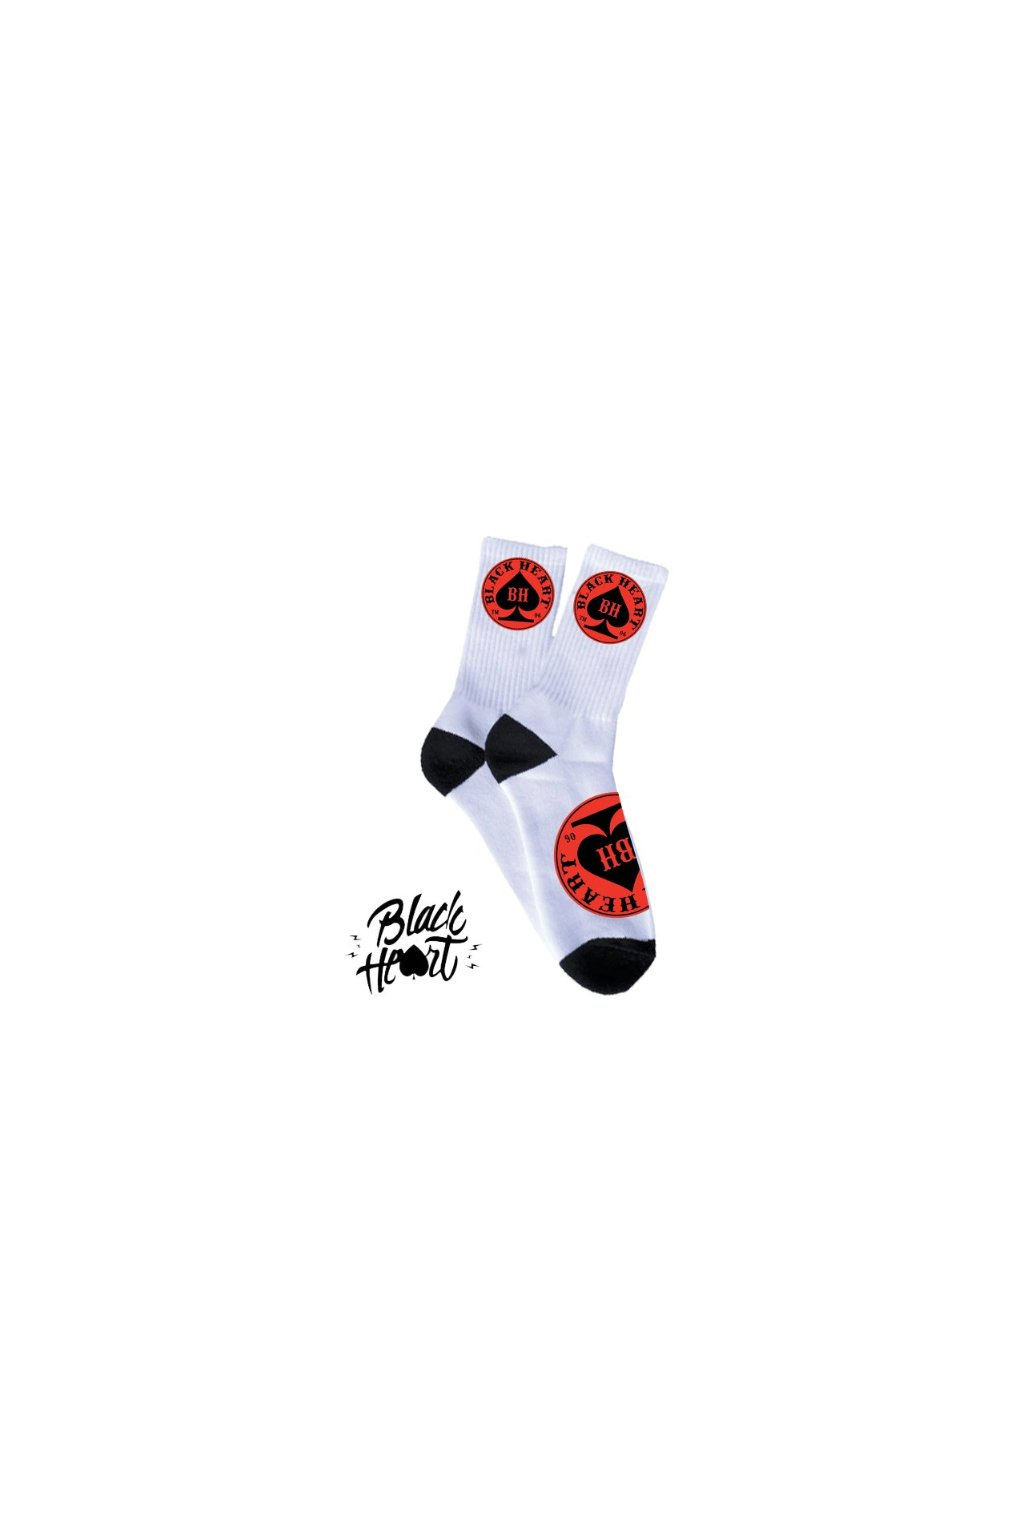 Ponožky BLACK HEART RED ACE přední strana